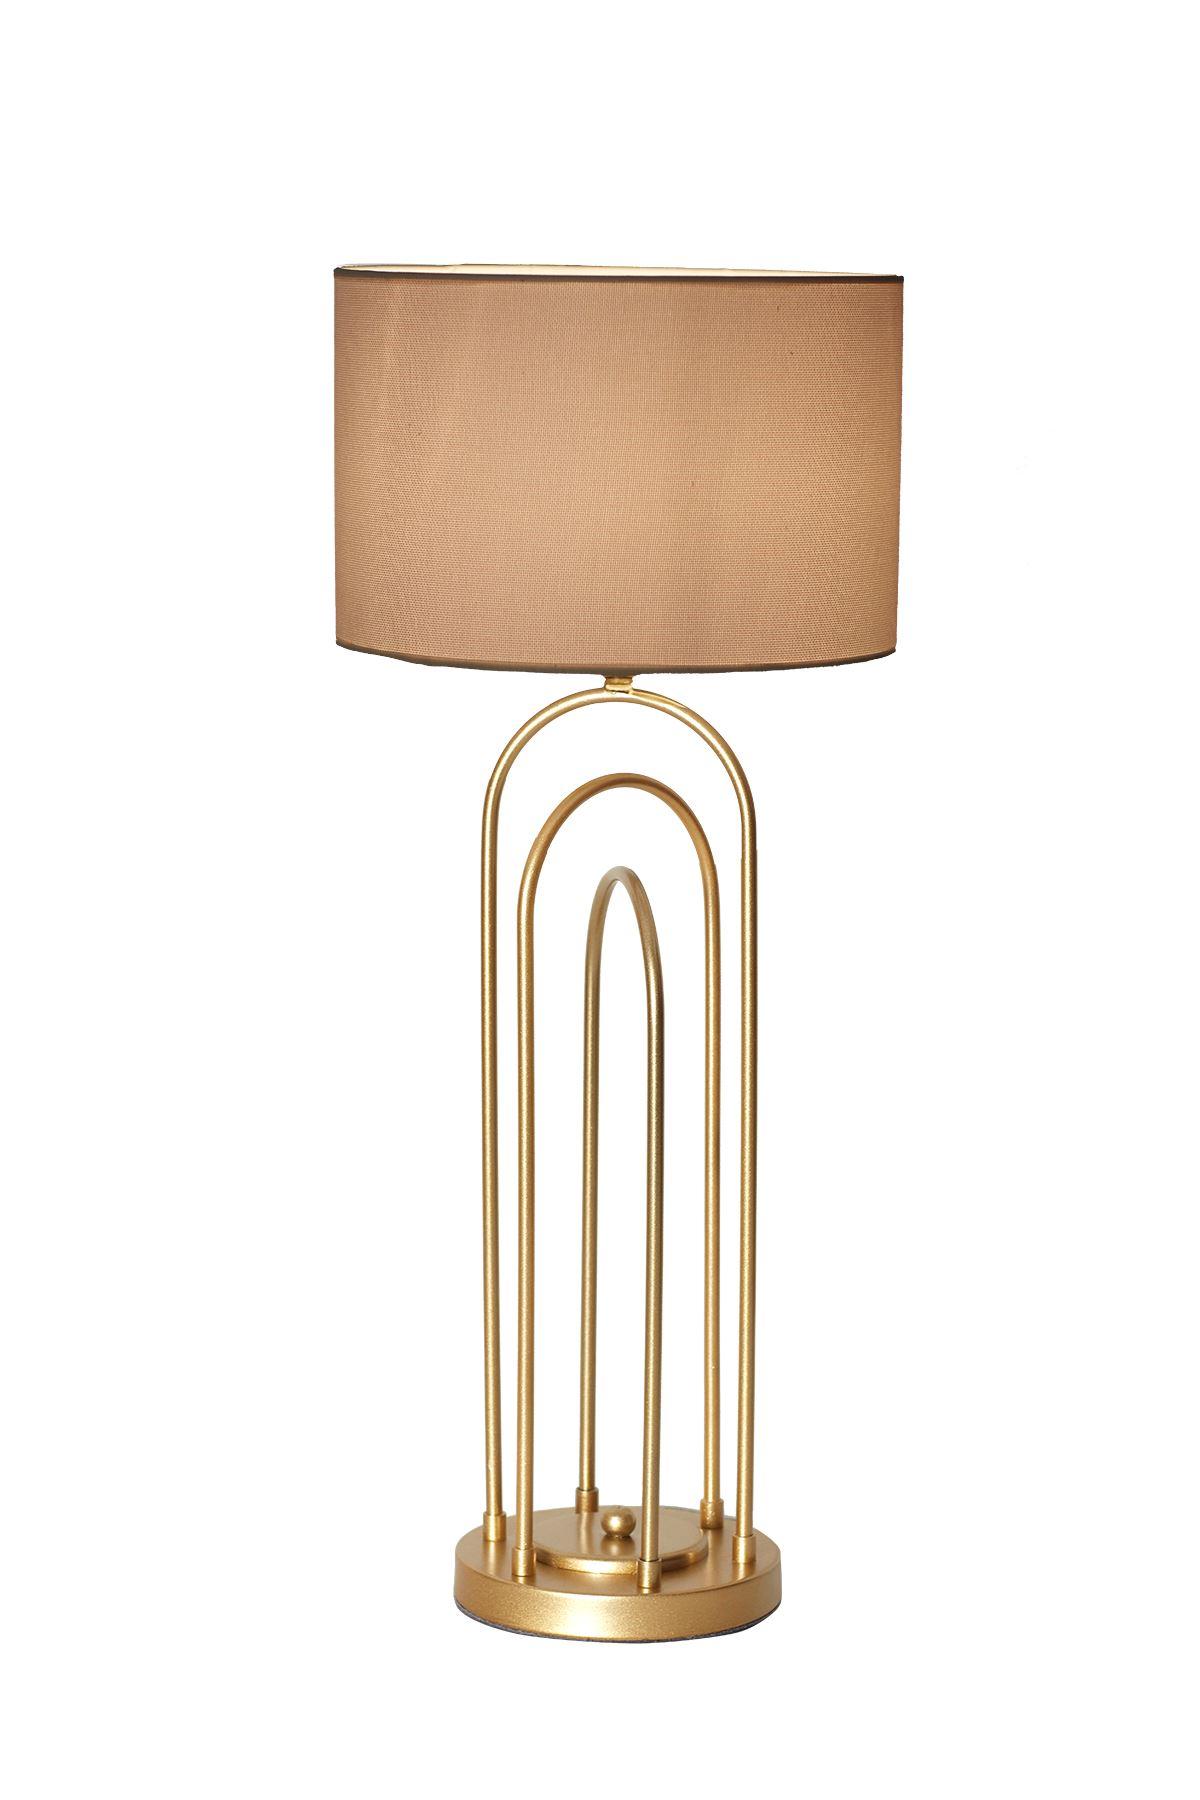 Mia Sarı  Metal Abajur Tasarım Lüx Masa Lambası